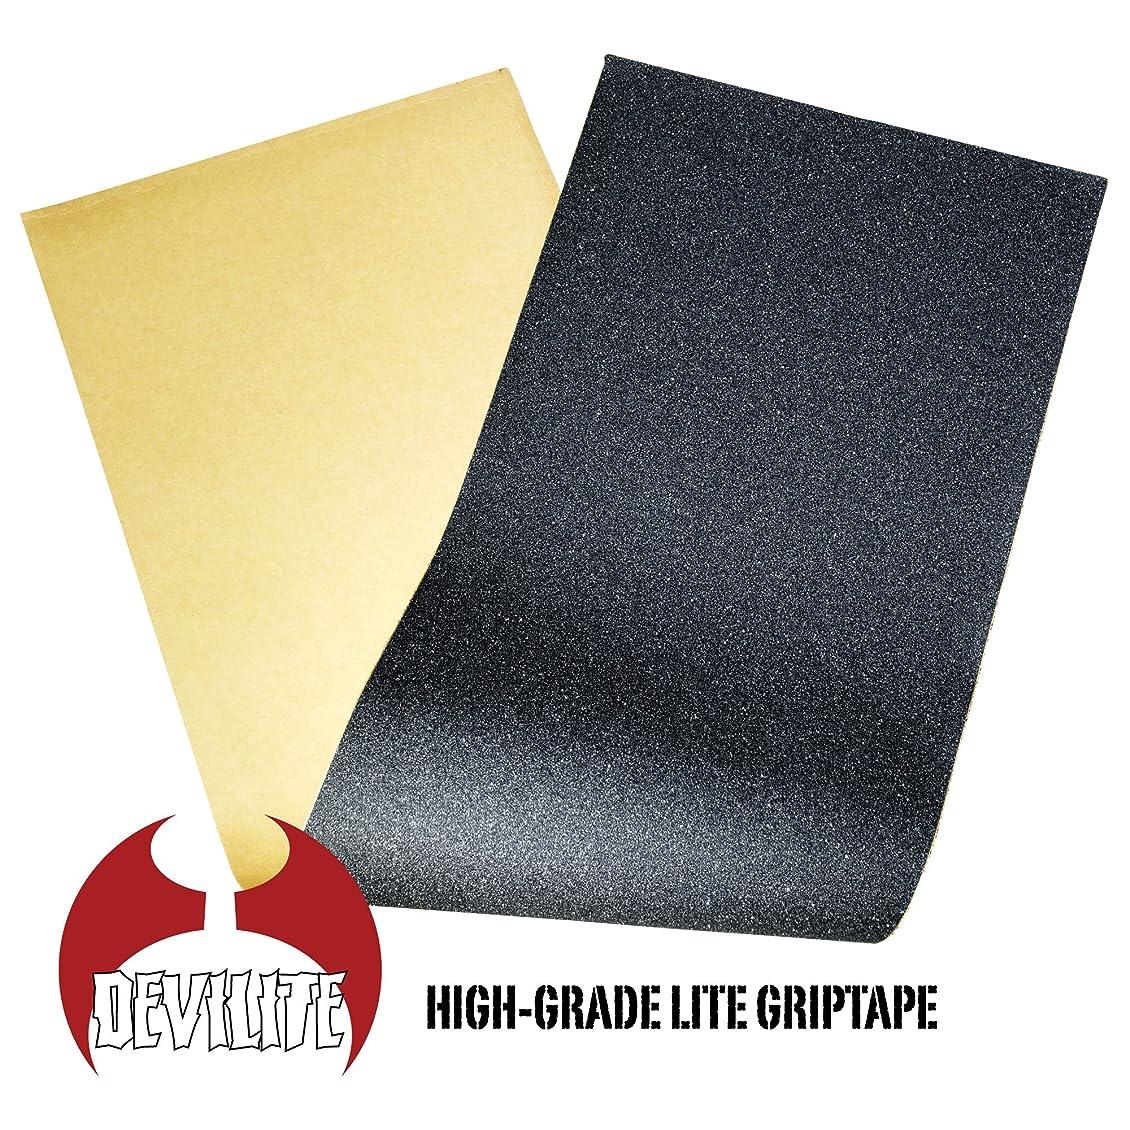 広げる人間明確なレベルロイヤル(Revel Royal) スケートボード スケボー デッキ テープ 9x33インチ ブラック グリップテープ SKATEBOARD GRIPTAPE